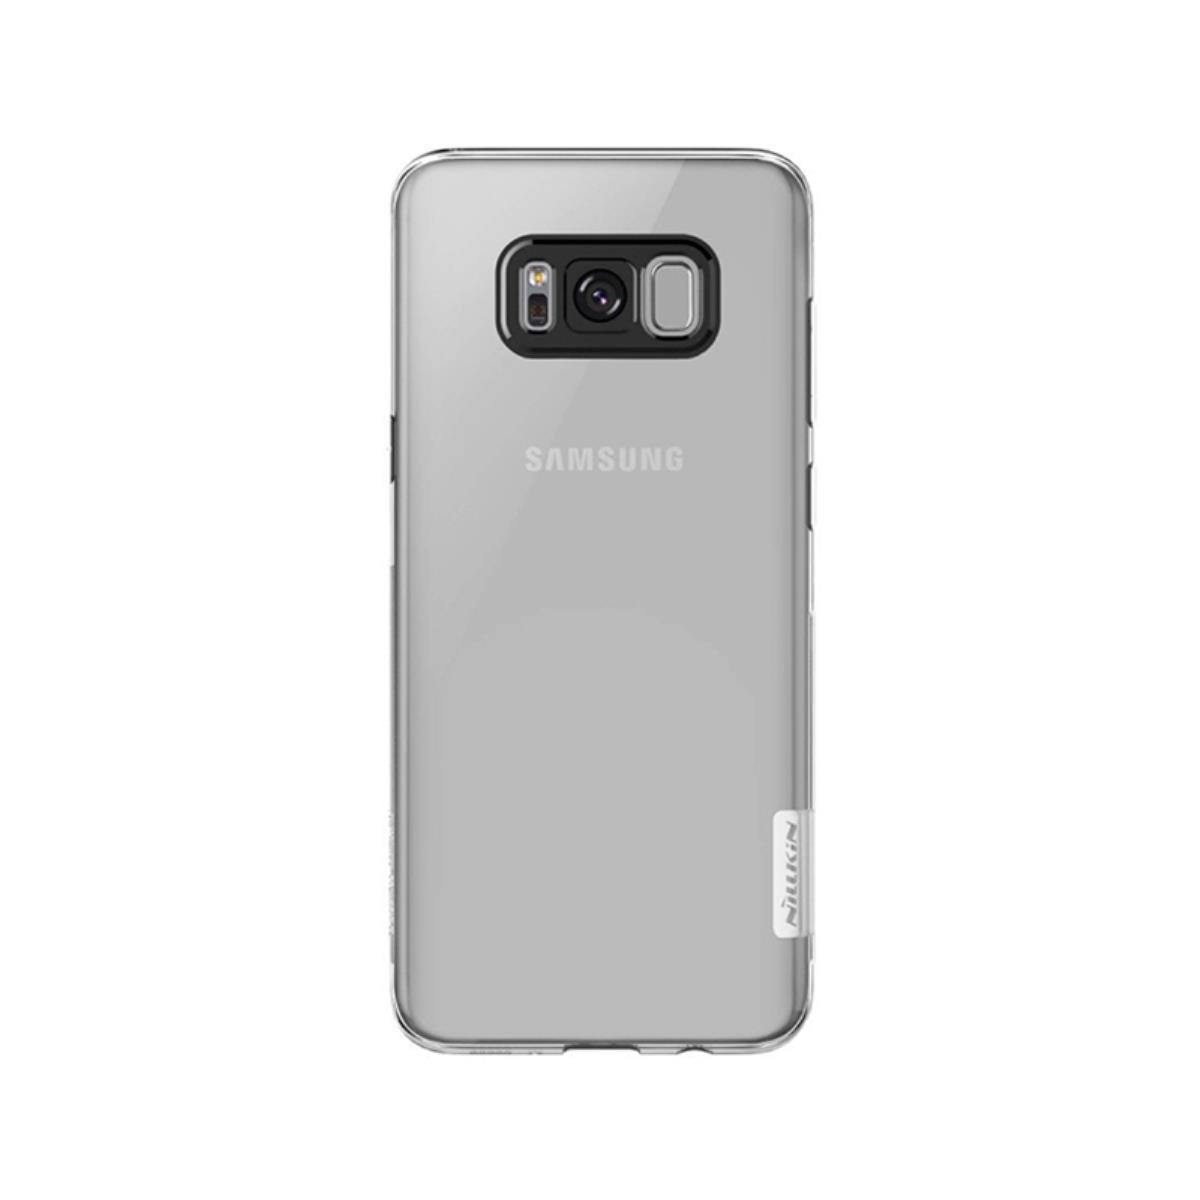 SAMSUNG GALAXY A520 A5 2017 32GB/3GB BLACK